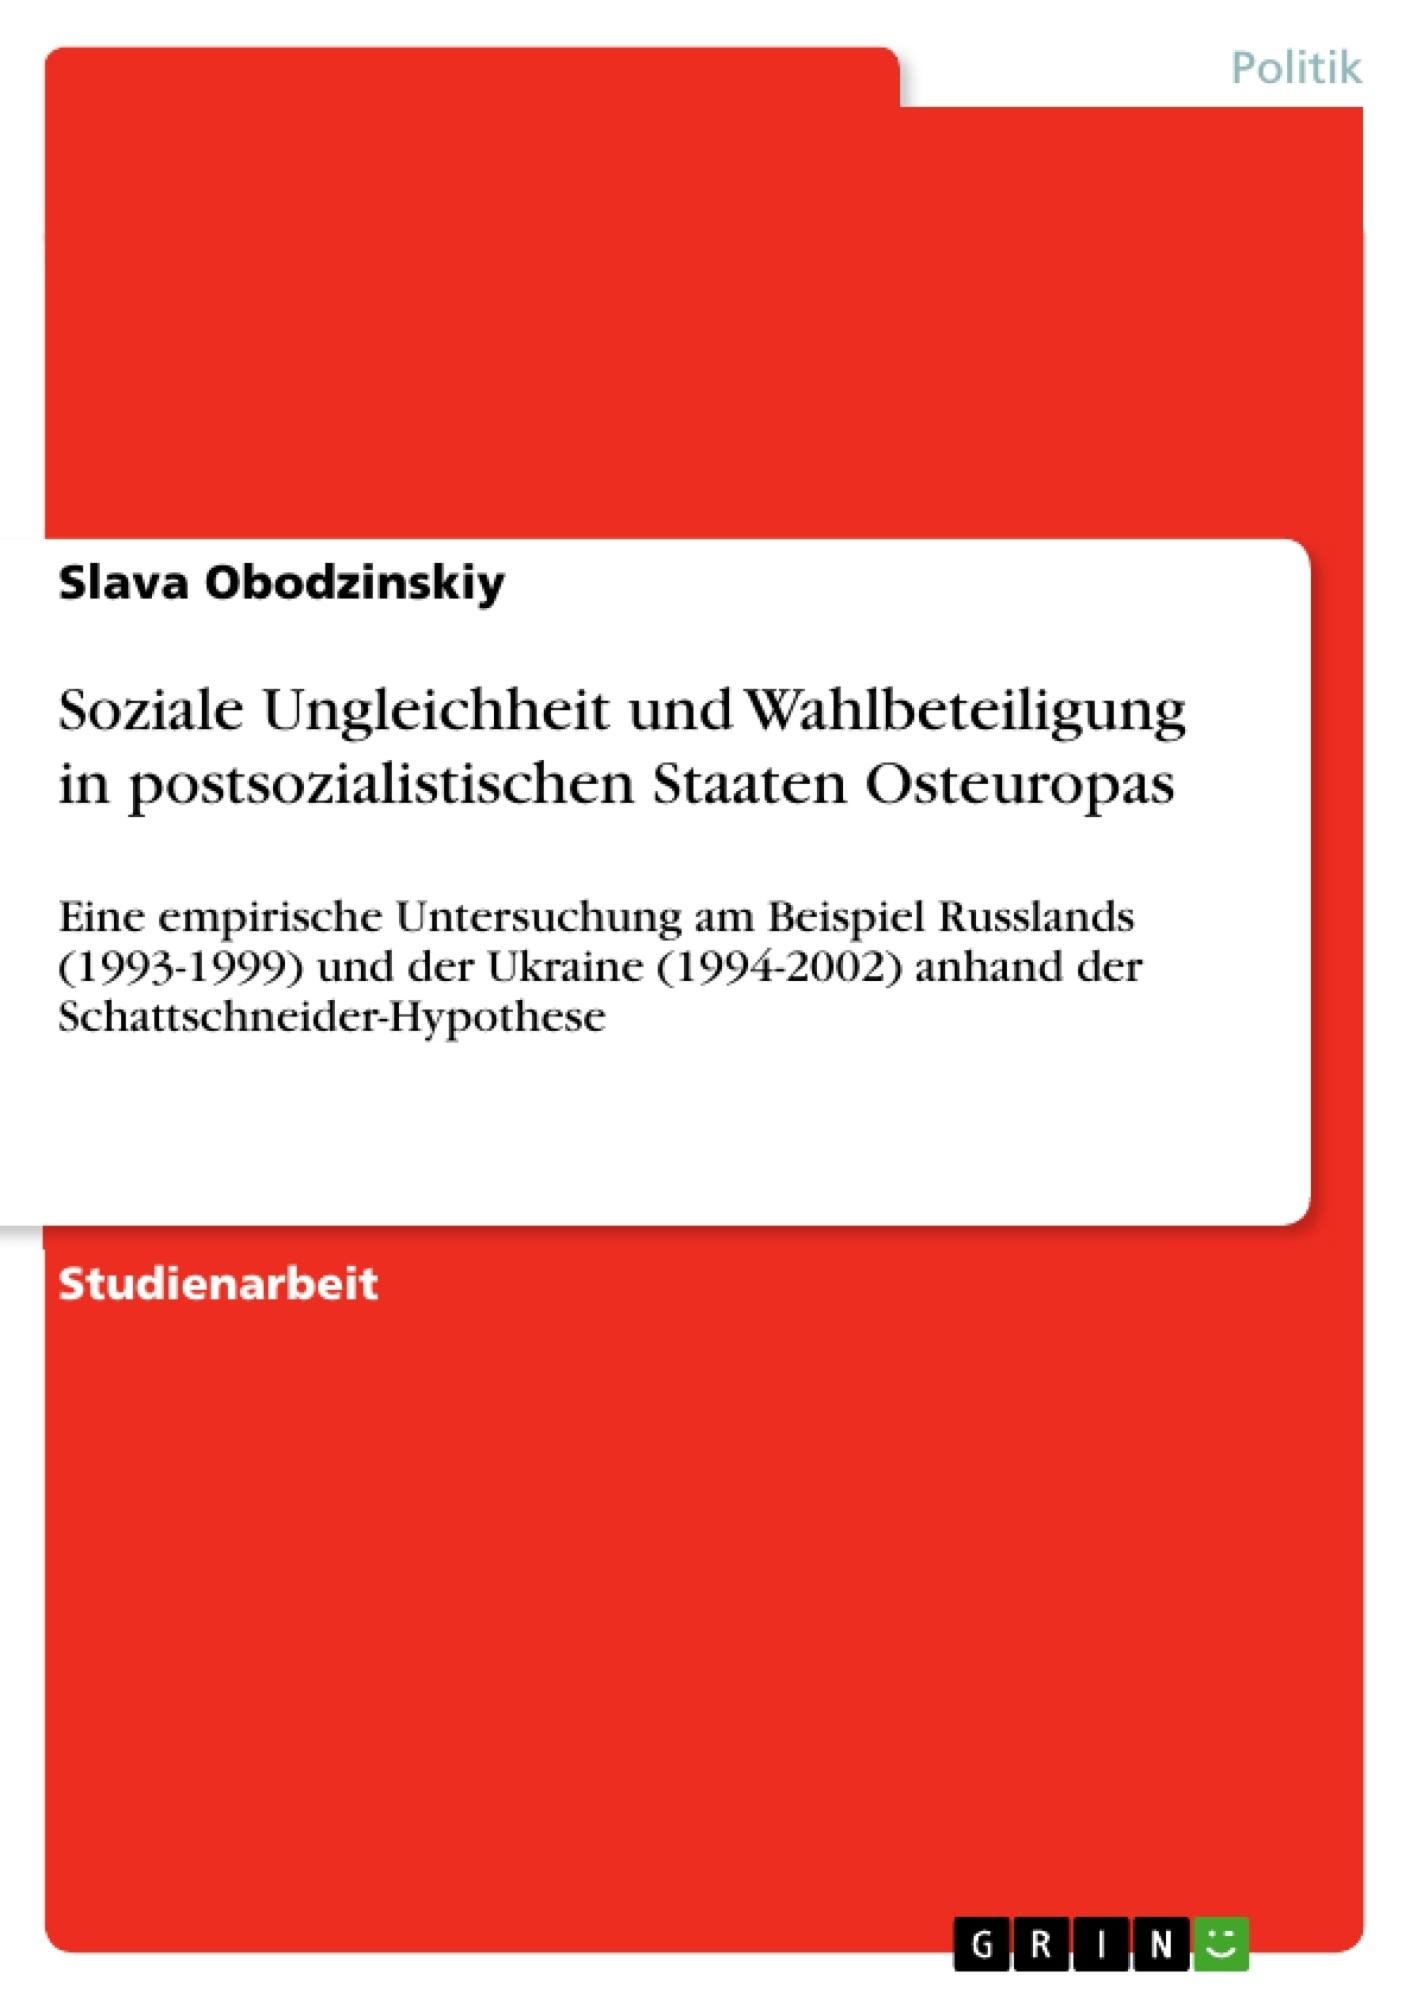 Titel: Soziale Ungleichheit und Wahlbeteiligung in postsozialistischen Staaten Osteuropas